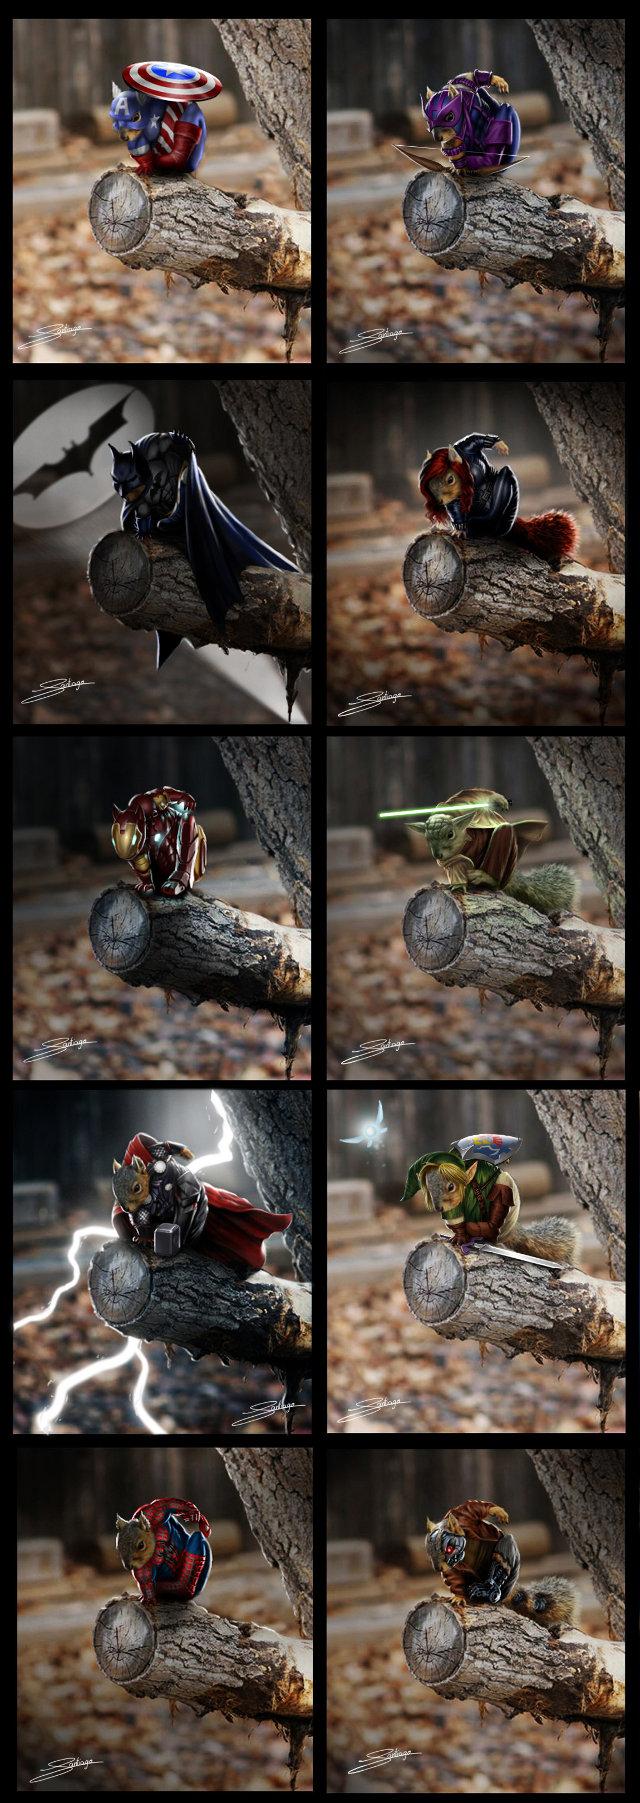 superhero-squirrels-1